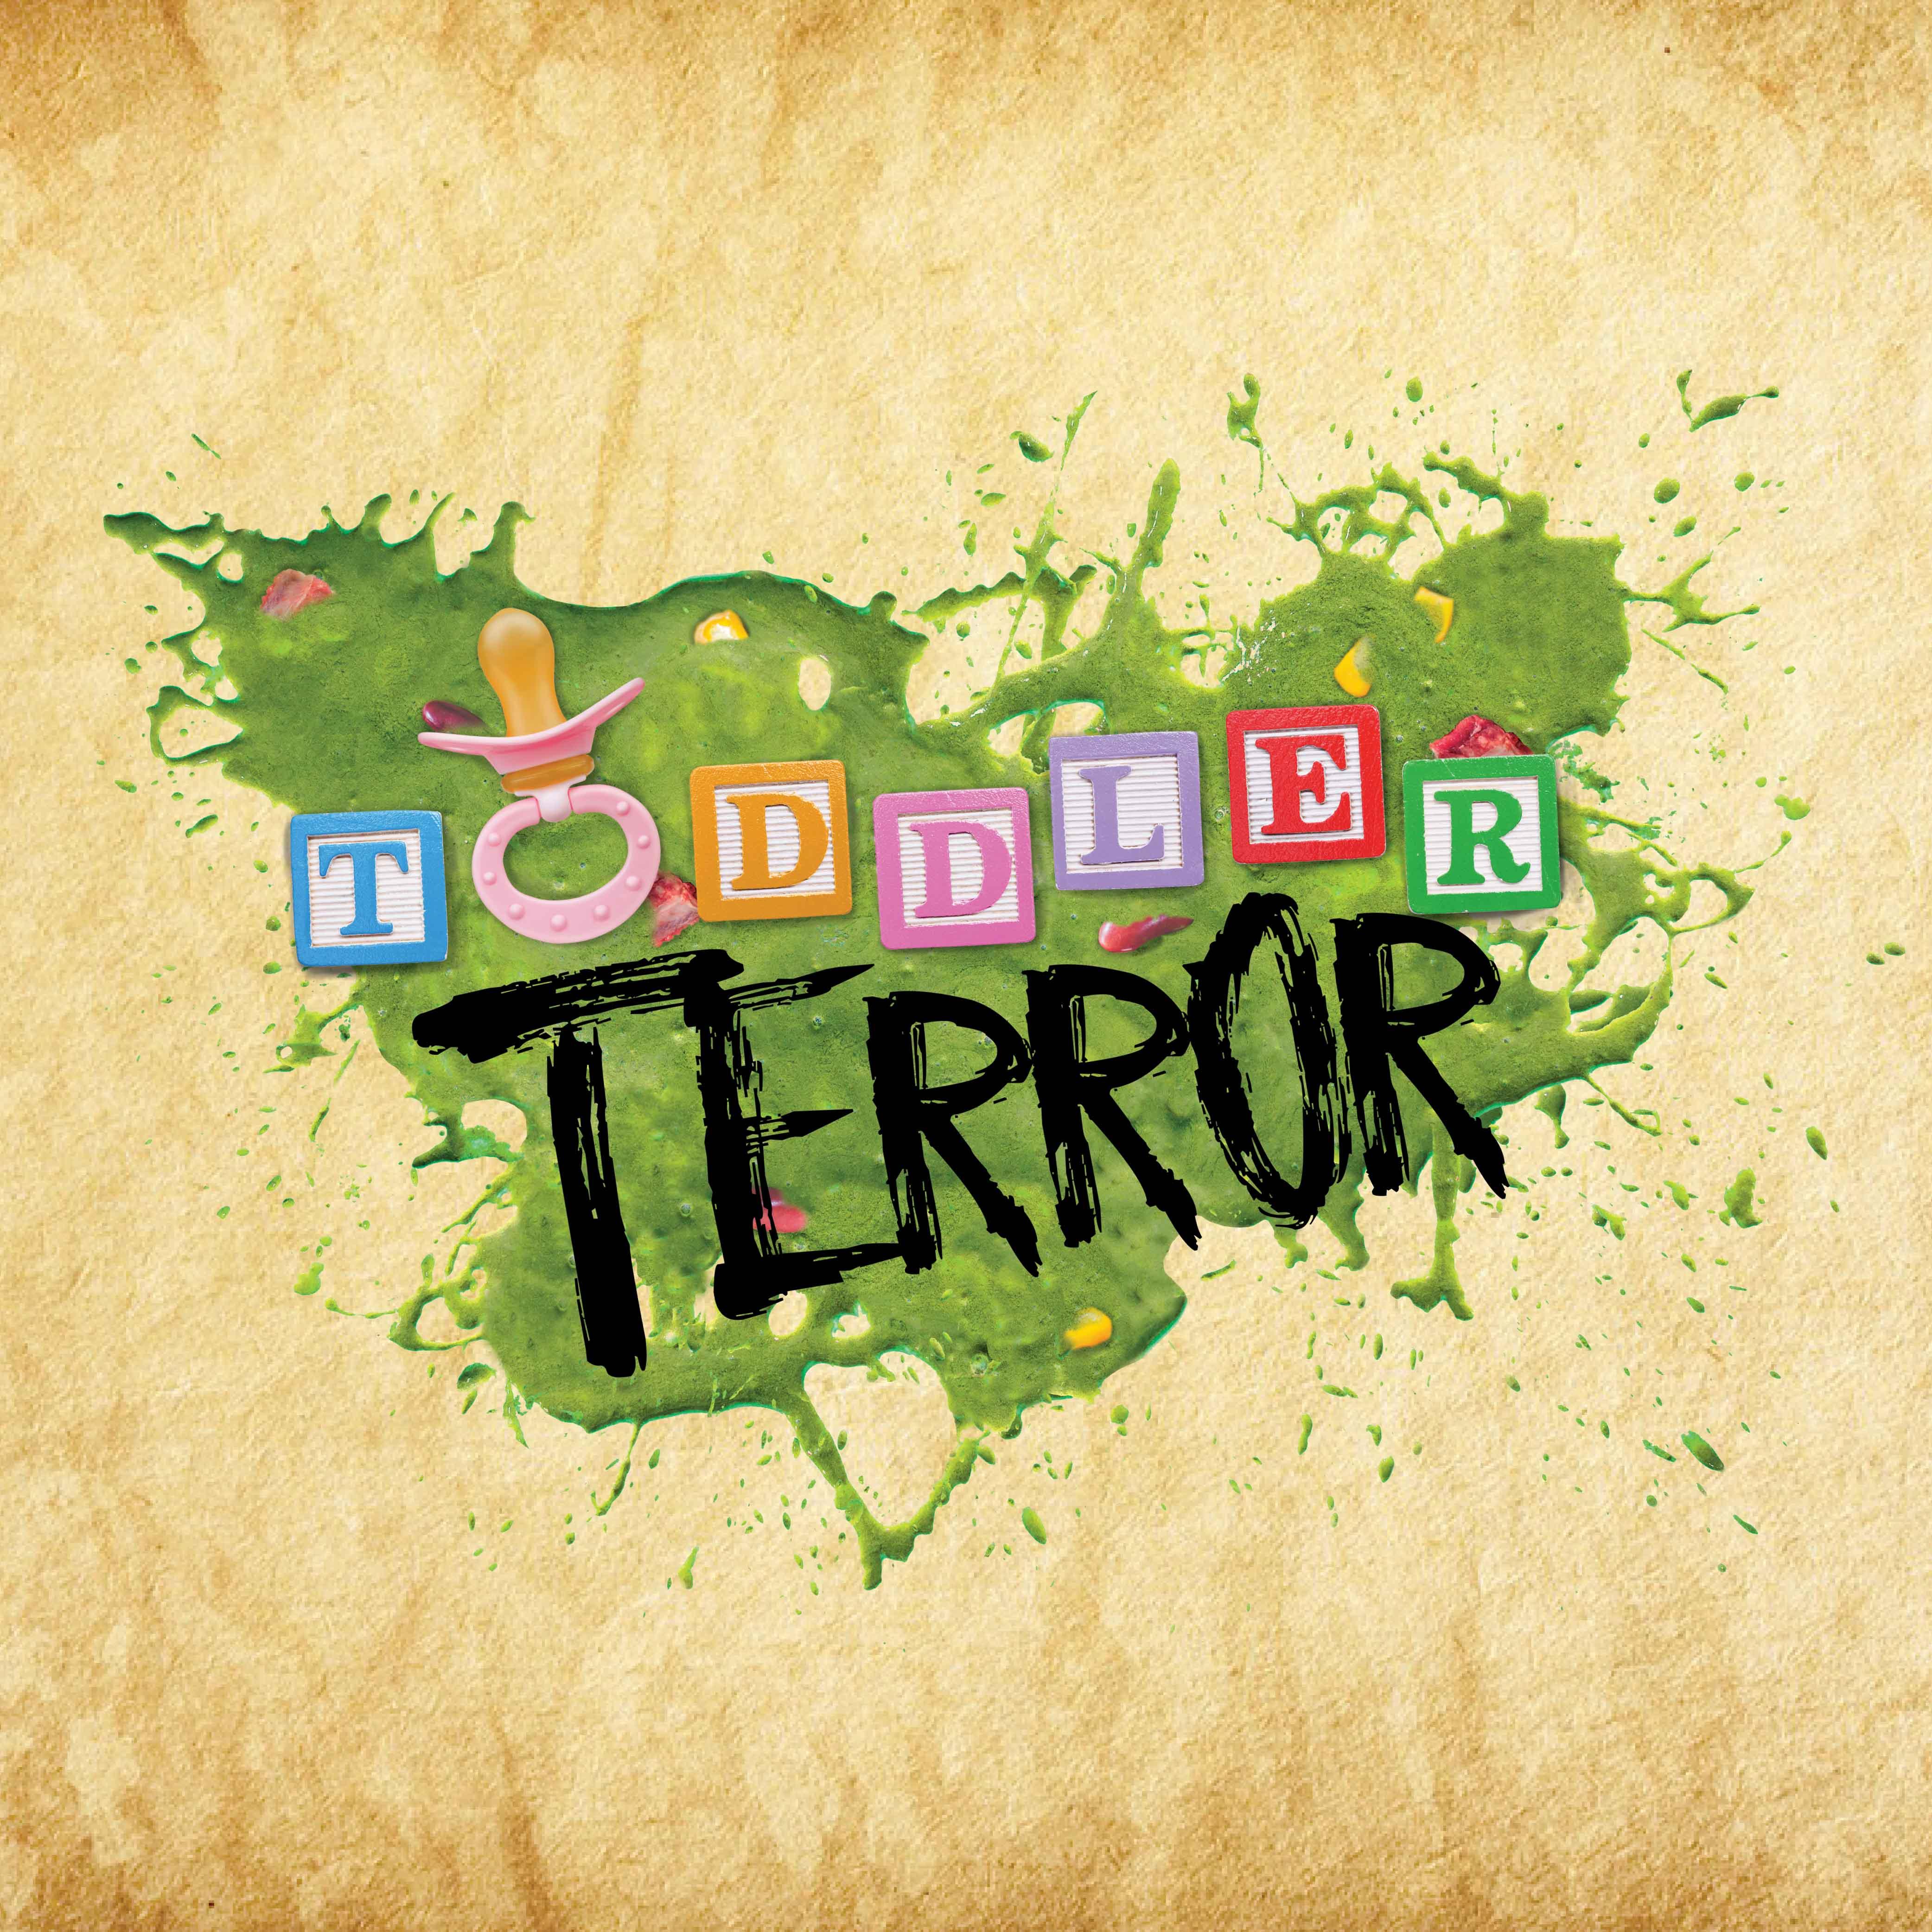 Toddler Terror